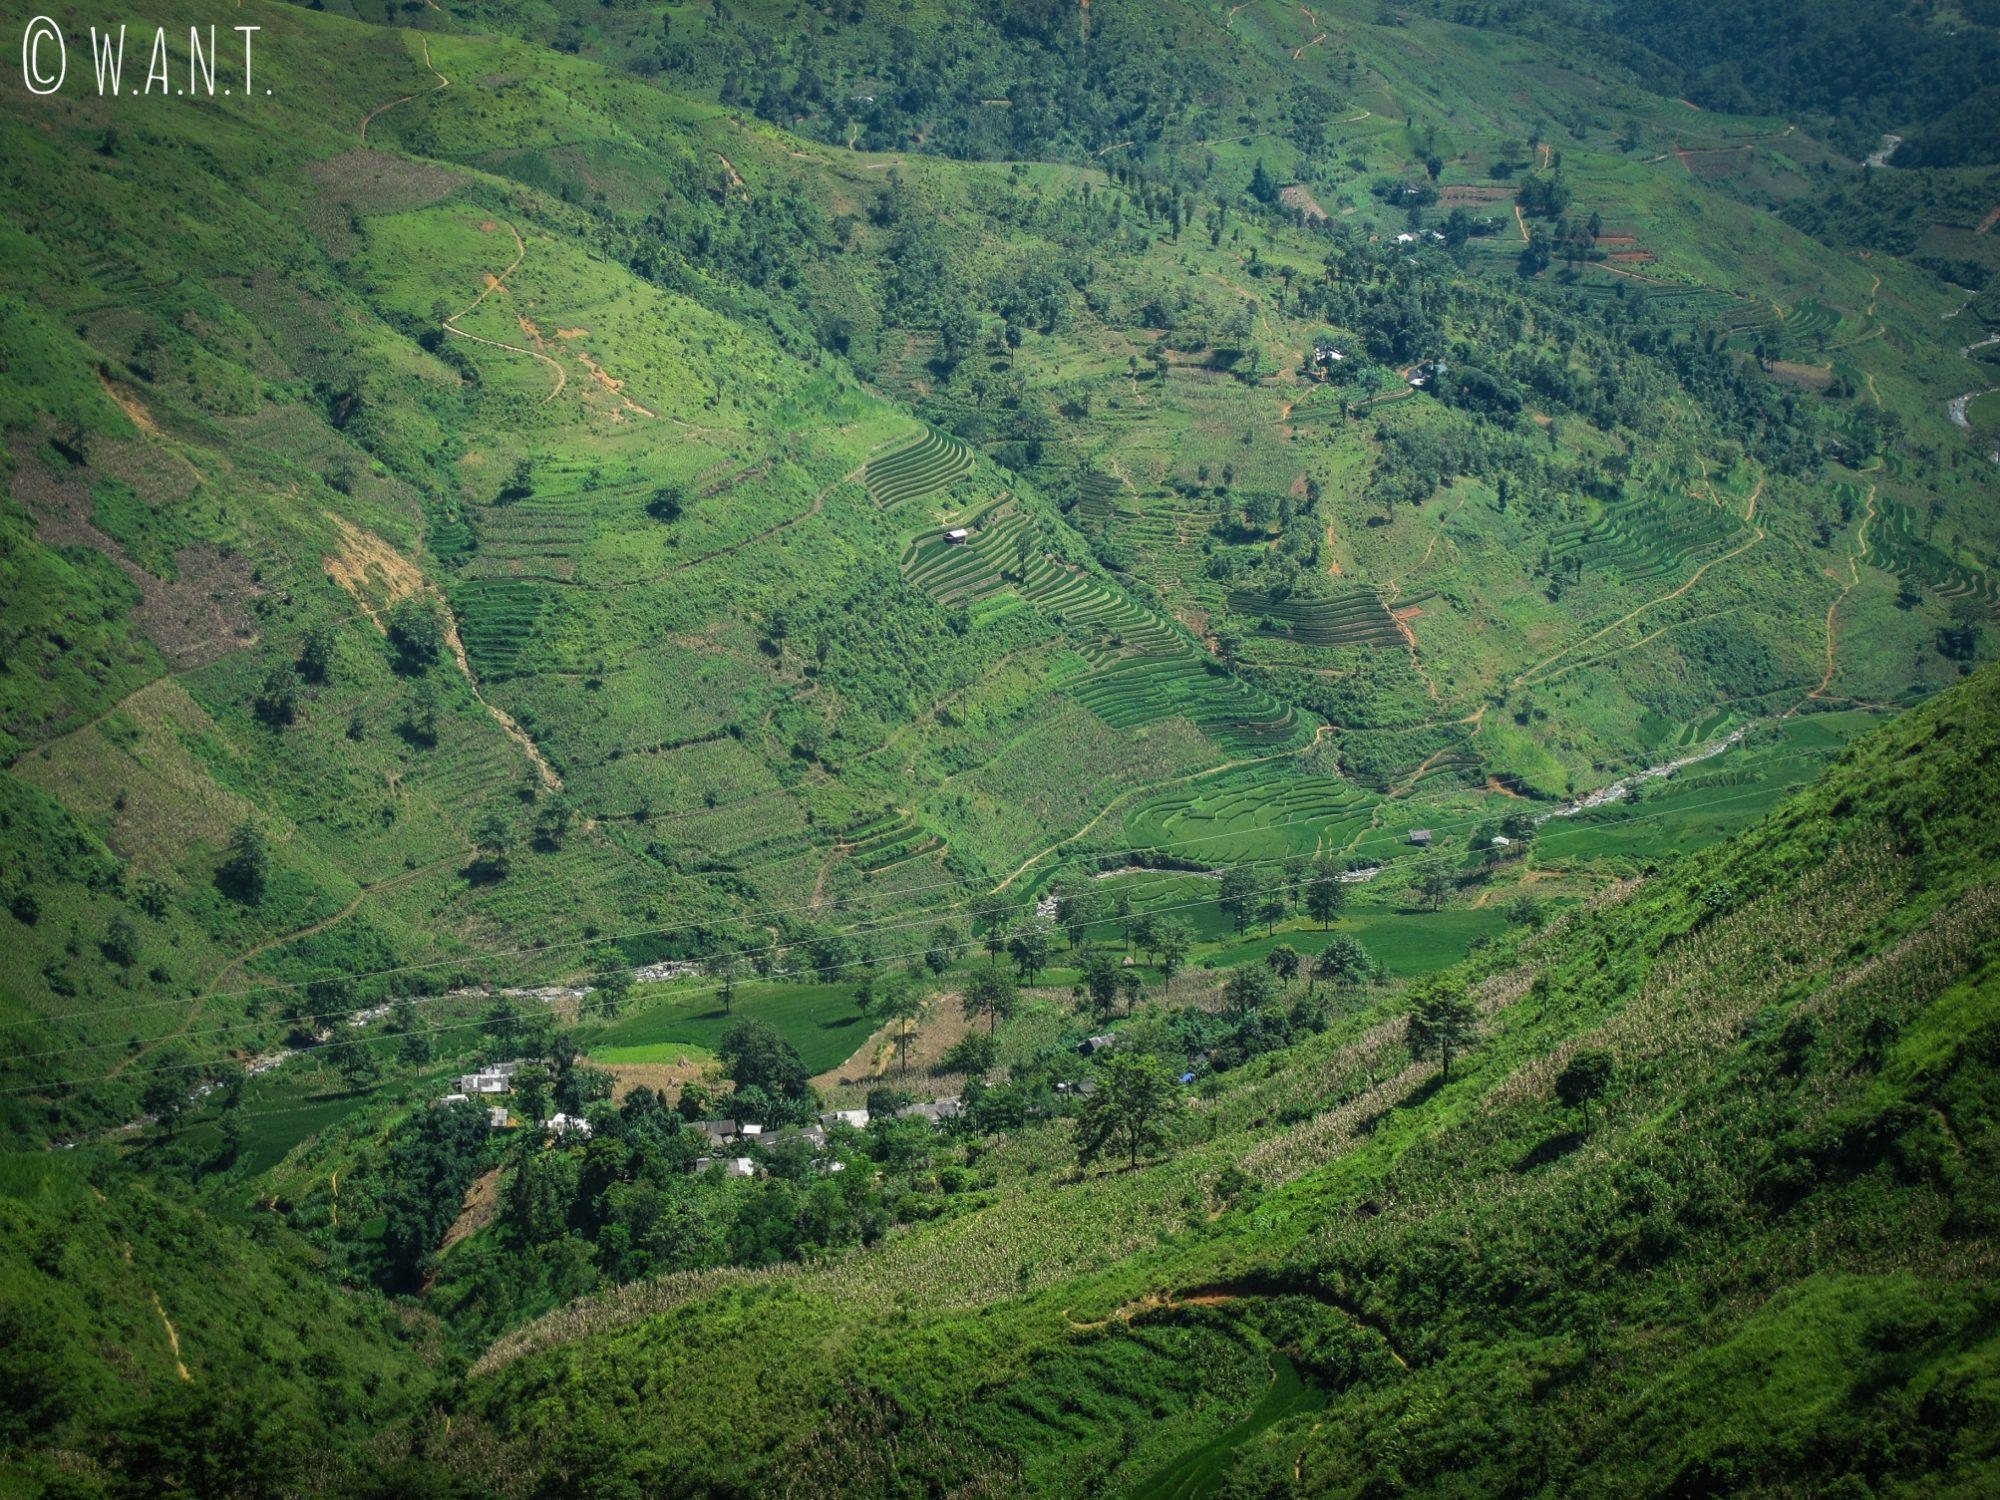 Vue plongeante sur les cultures en terrasses de la région de Meo Vac